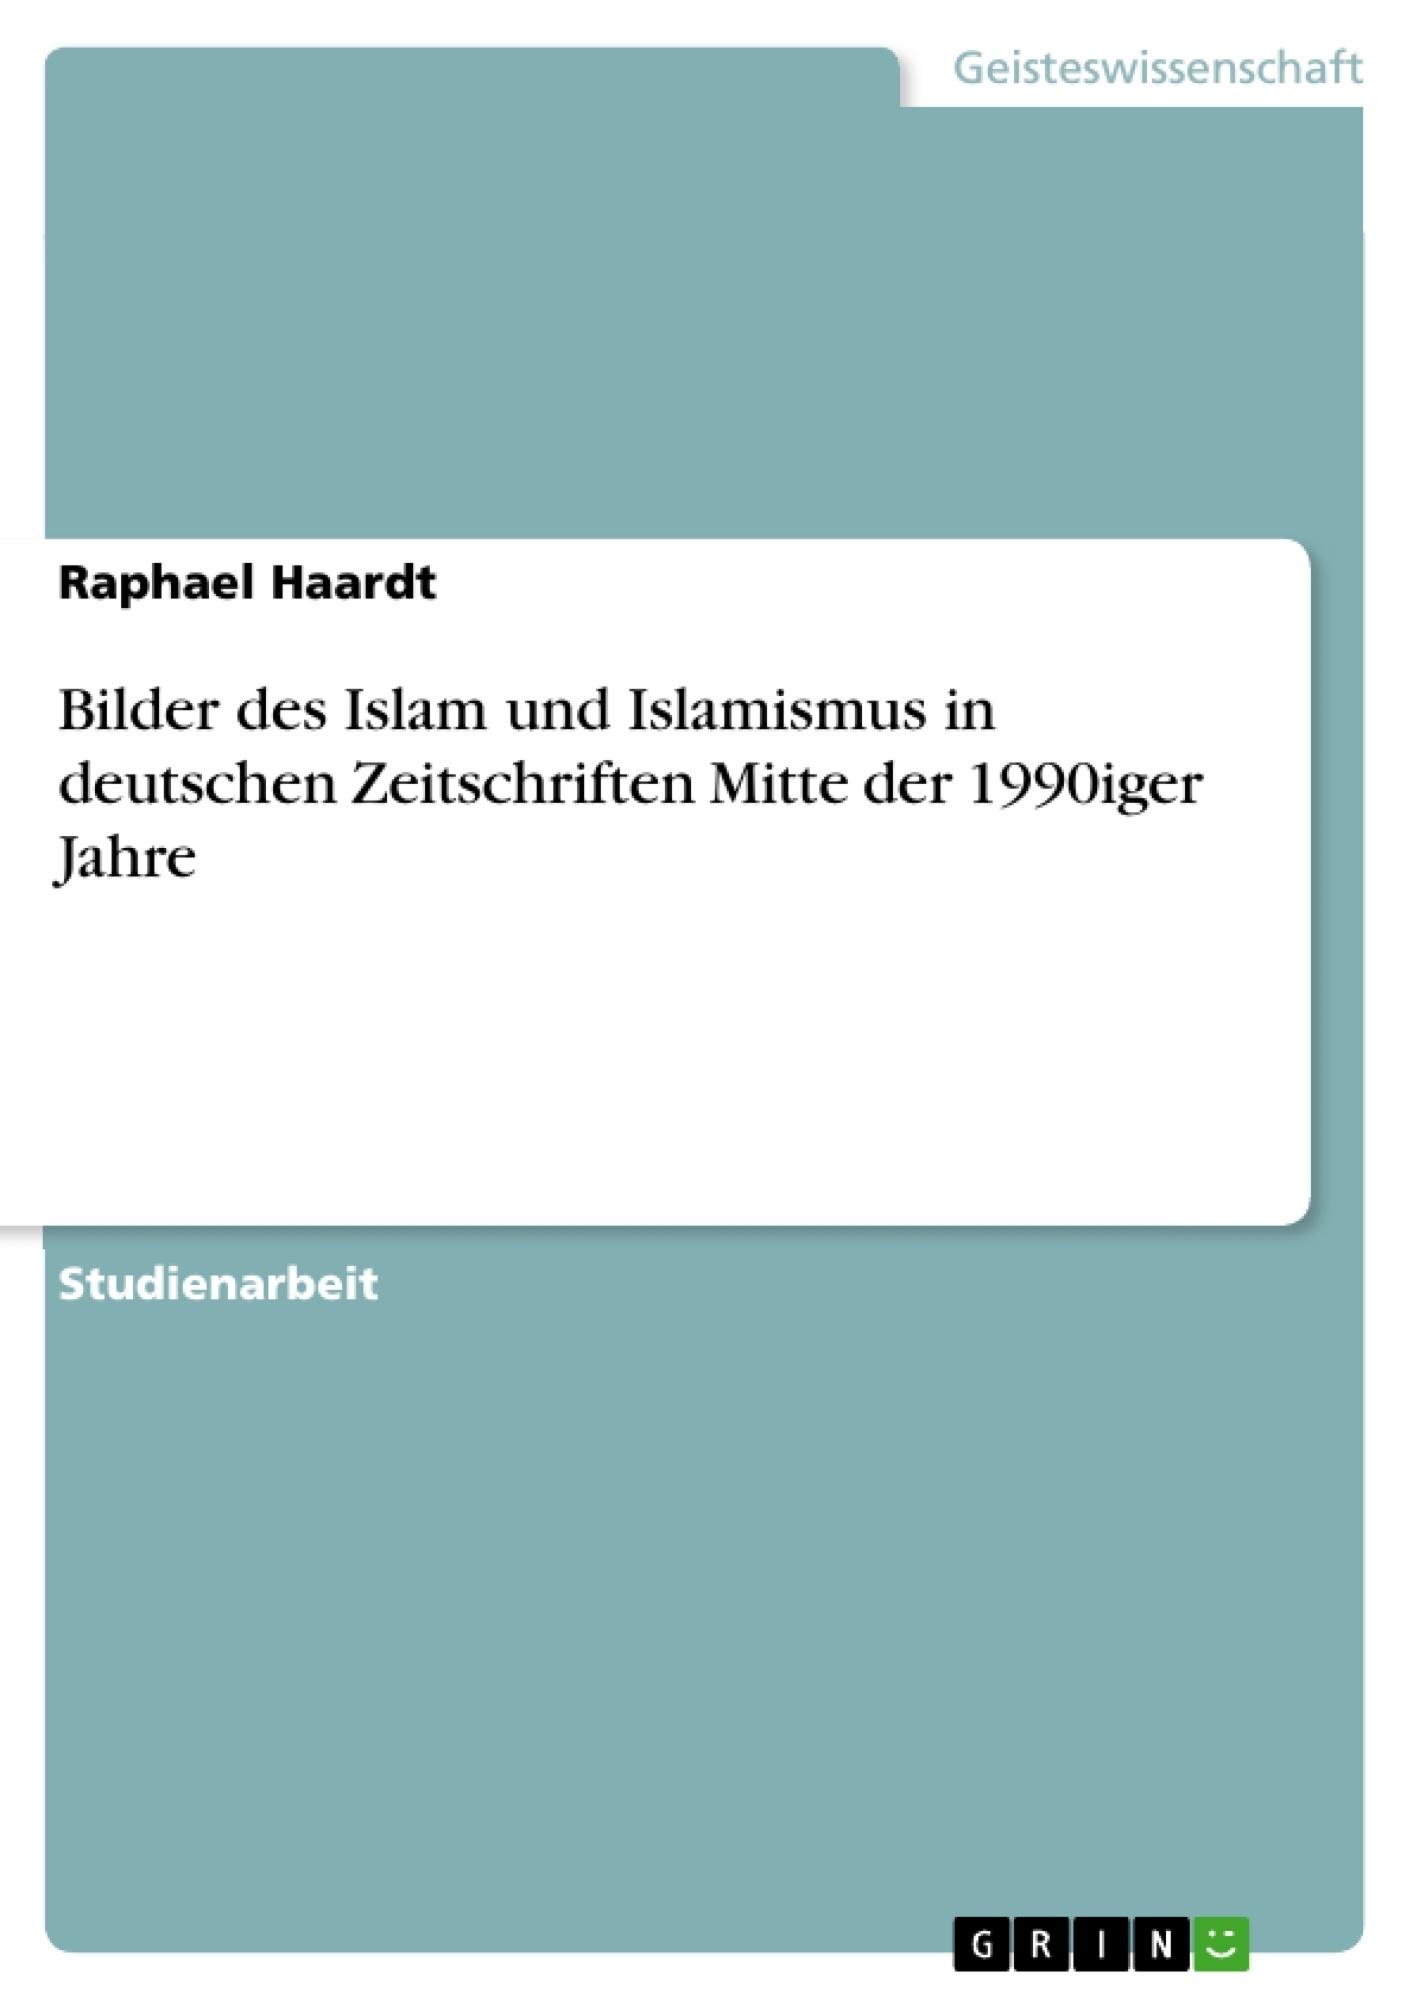 Titel: Bilder des Islam und Islamismus in deutschen Zeitschriften Mitte der 1990iger Jahre